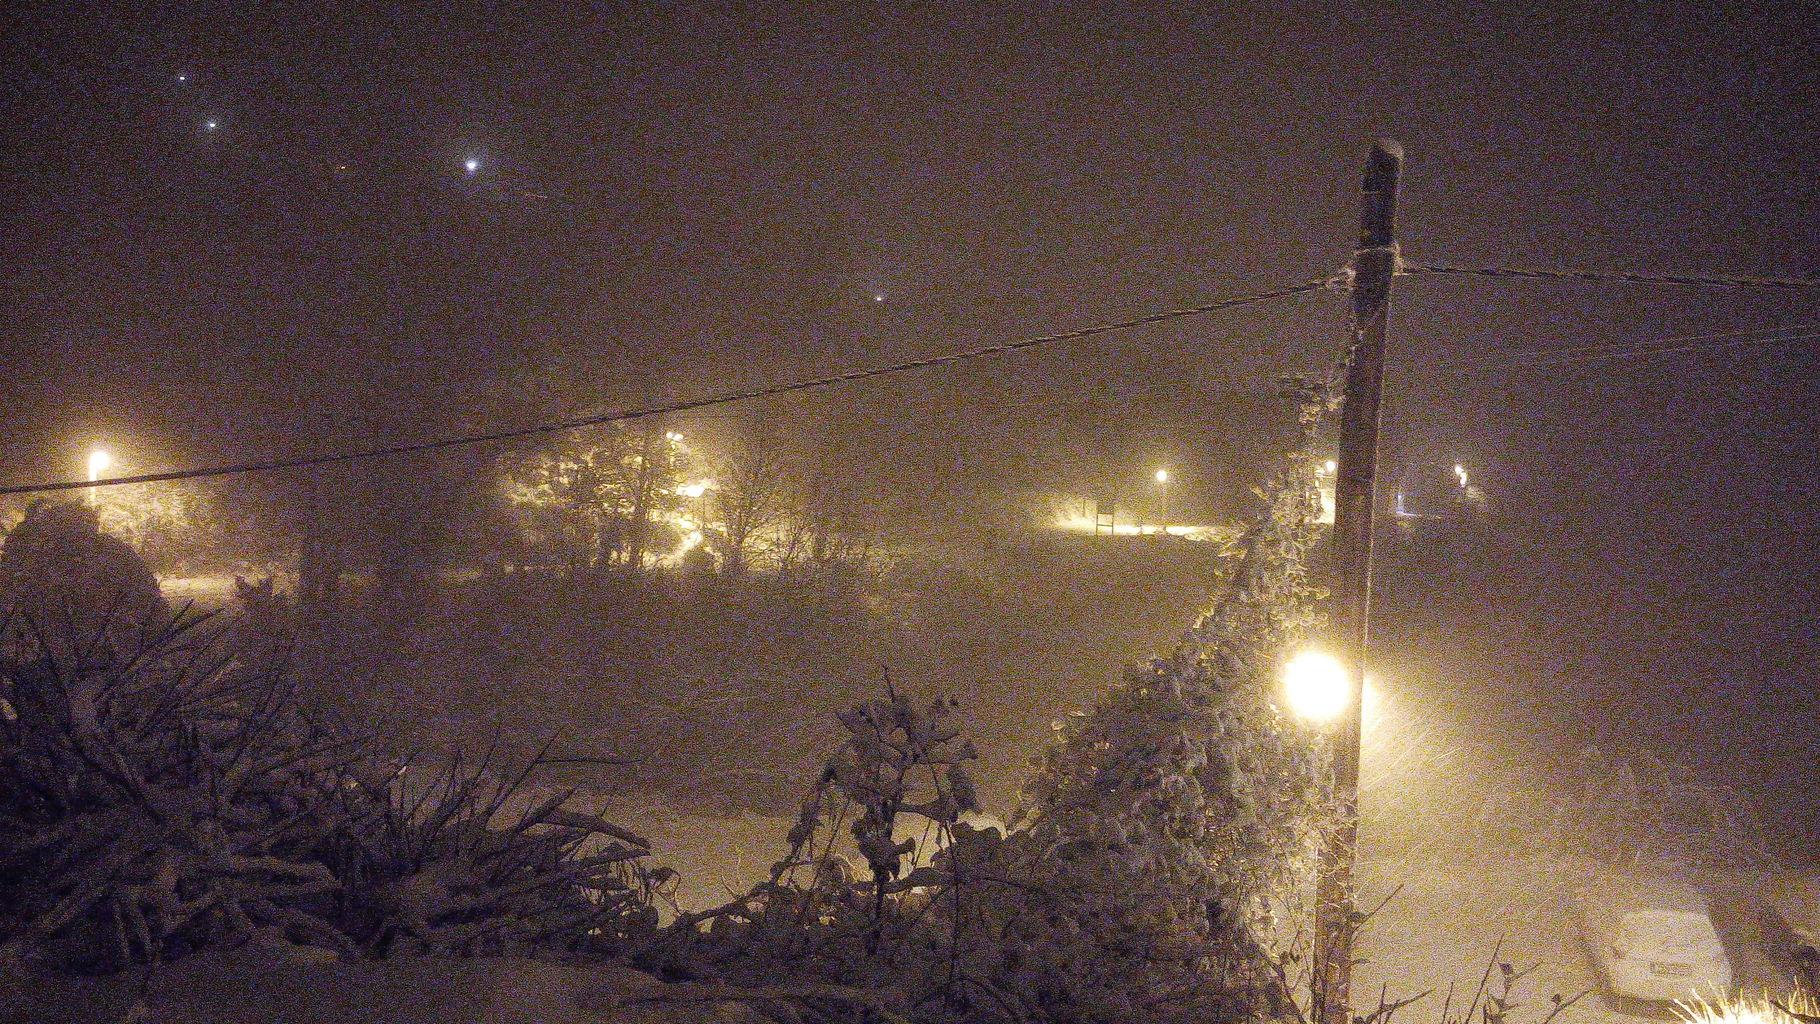 Χιονισμένα Τρίκαλα Κορινθίας 31/12/2015